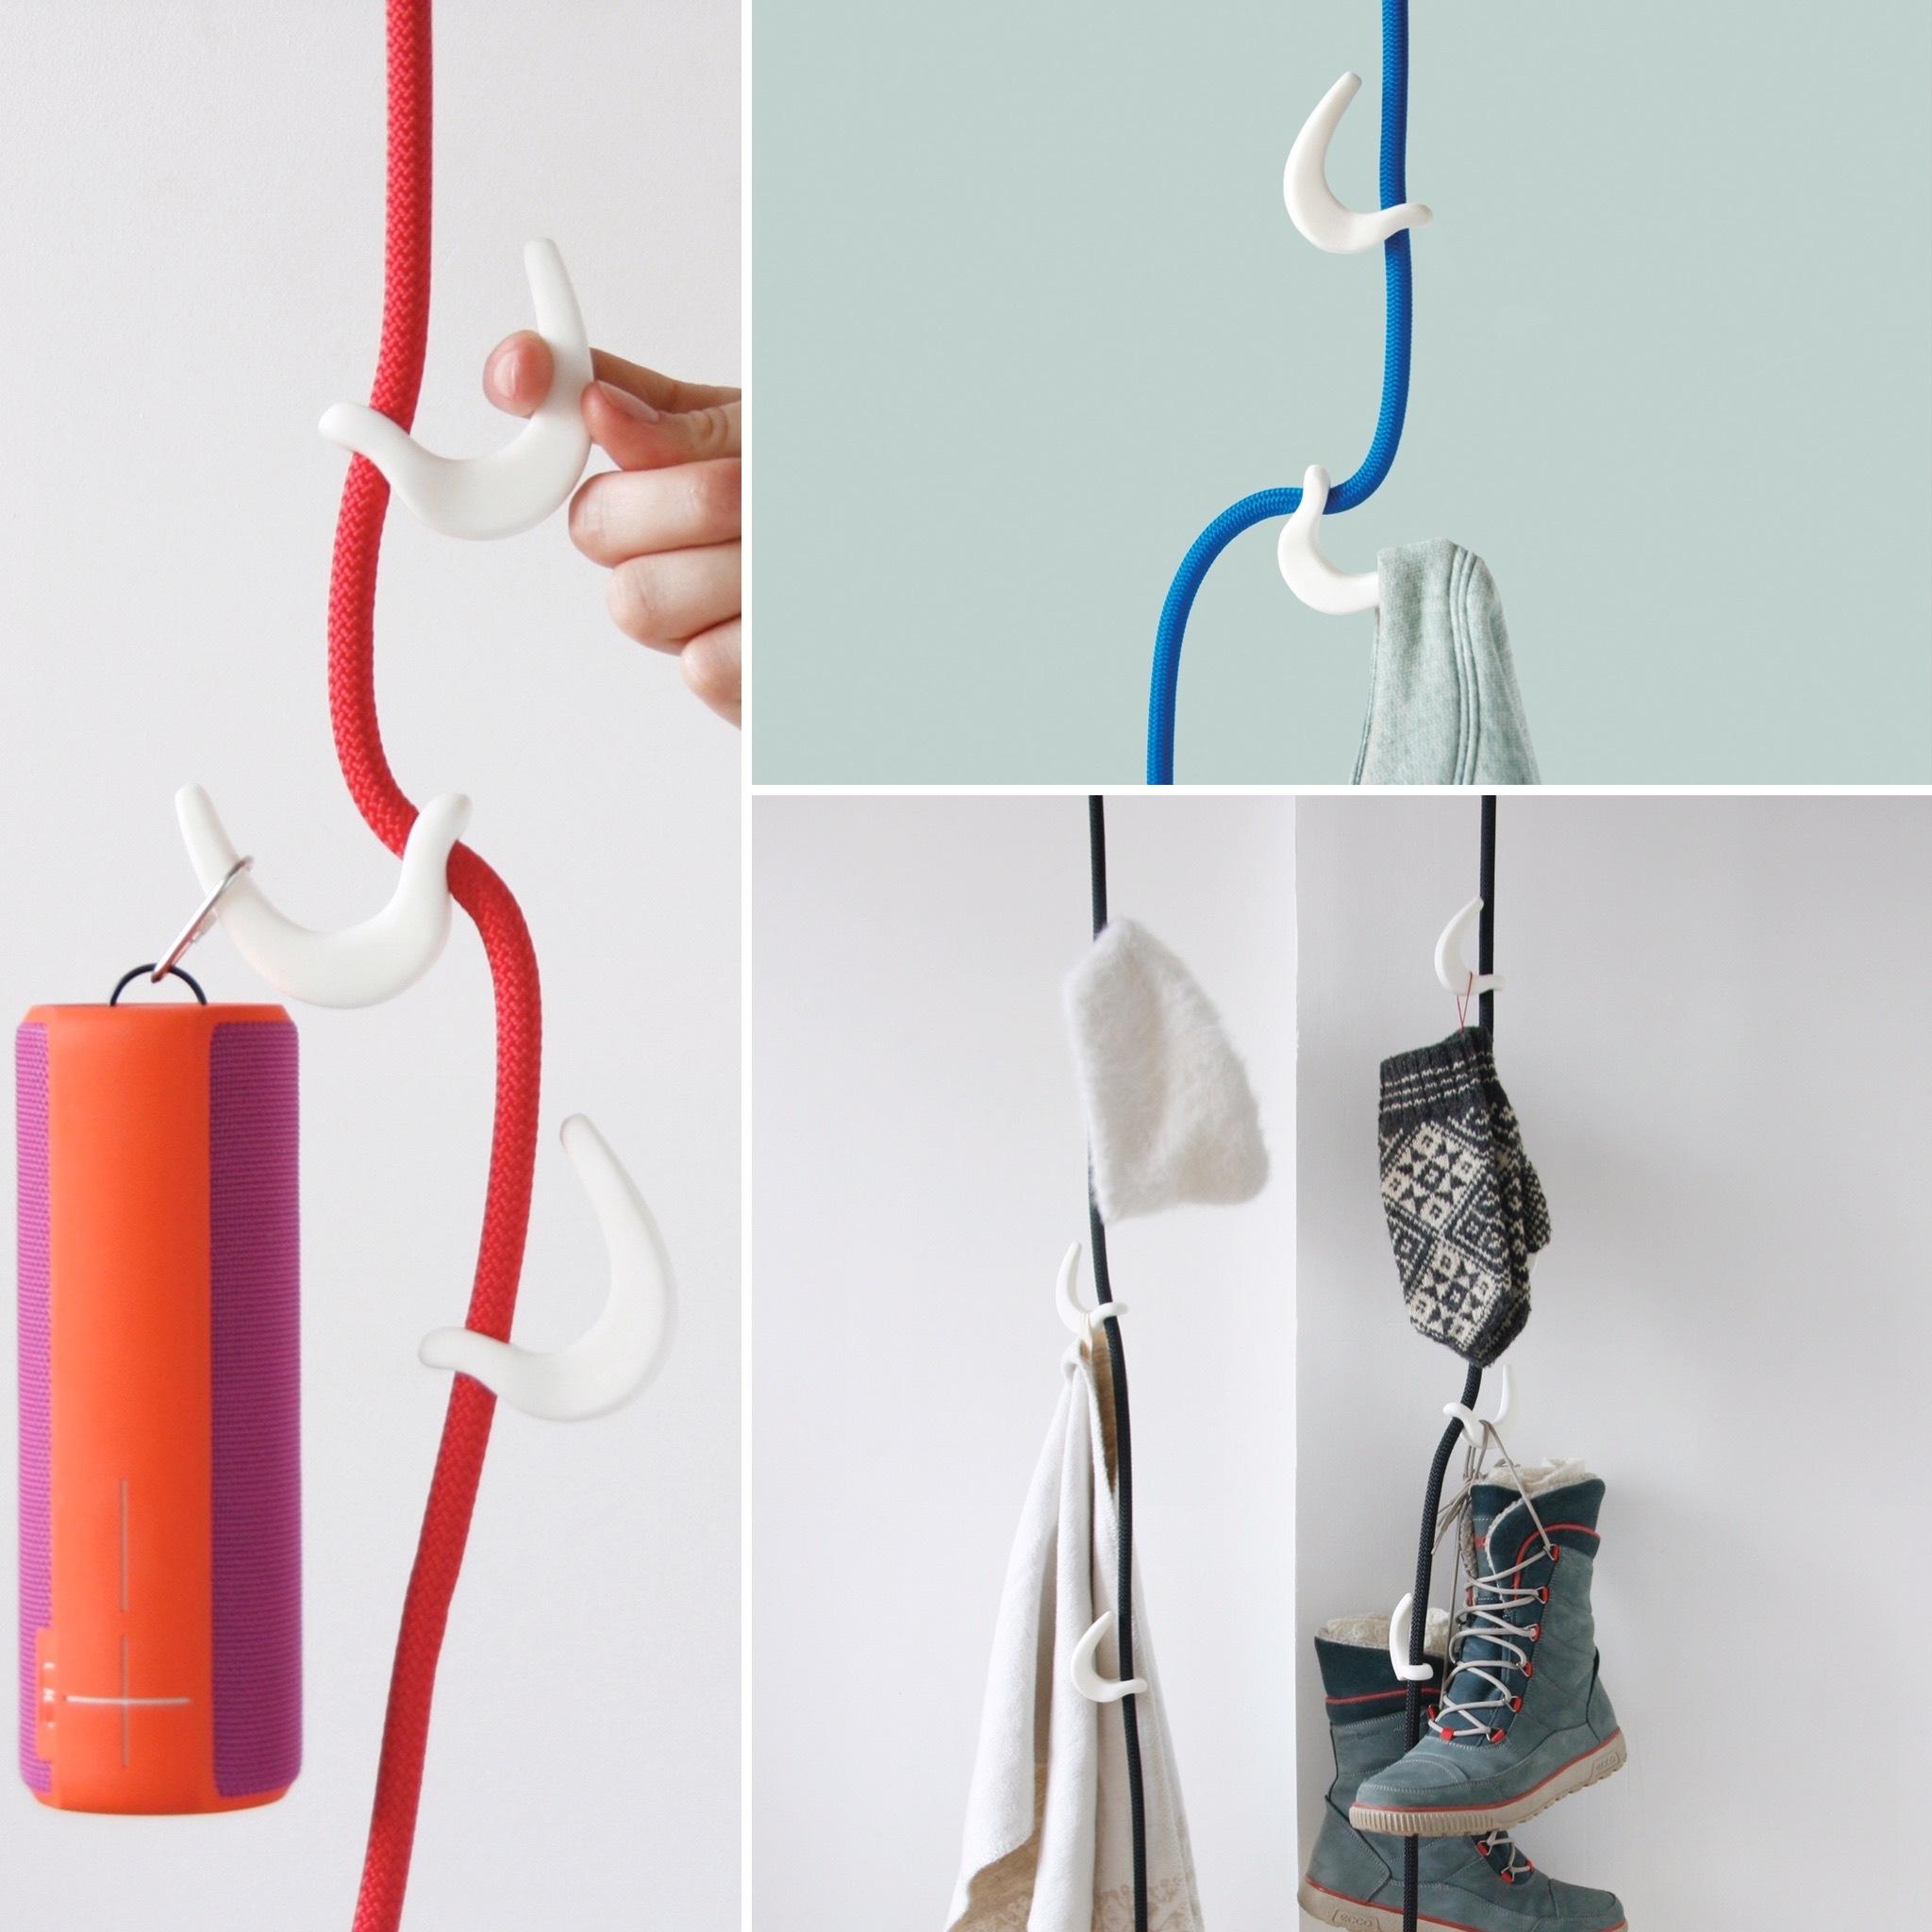 エストニアのデザイン展、開催します_e0031142_14492324.jpg